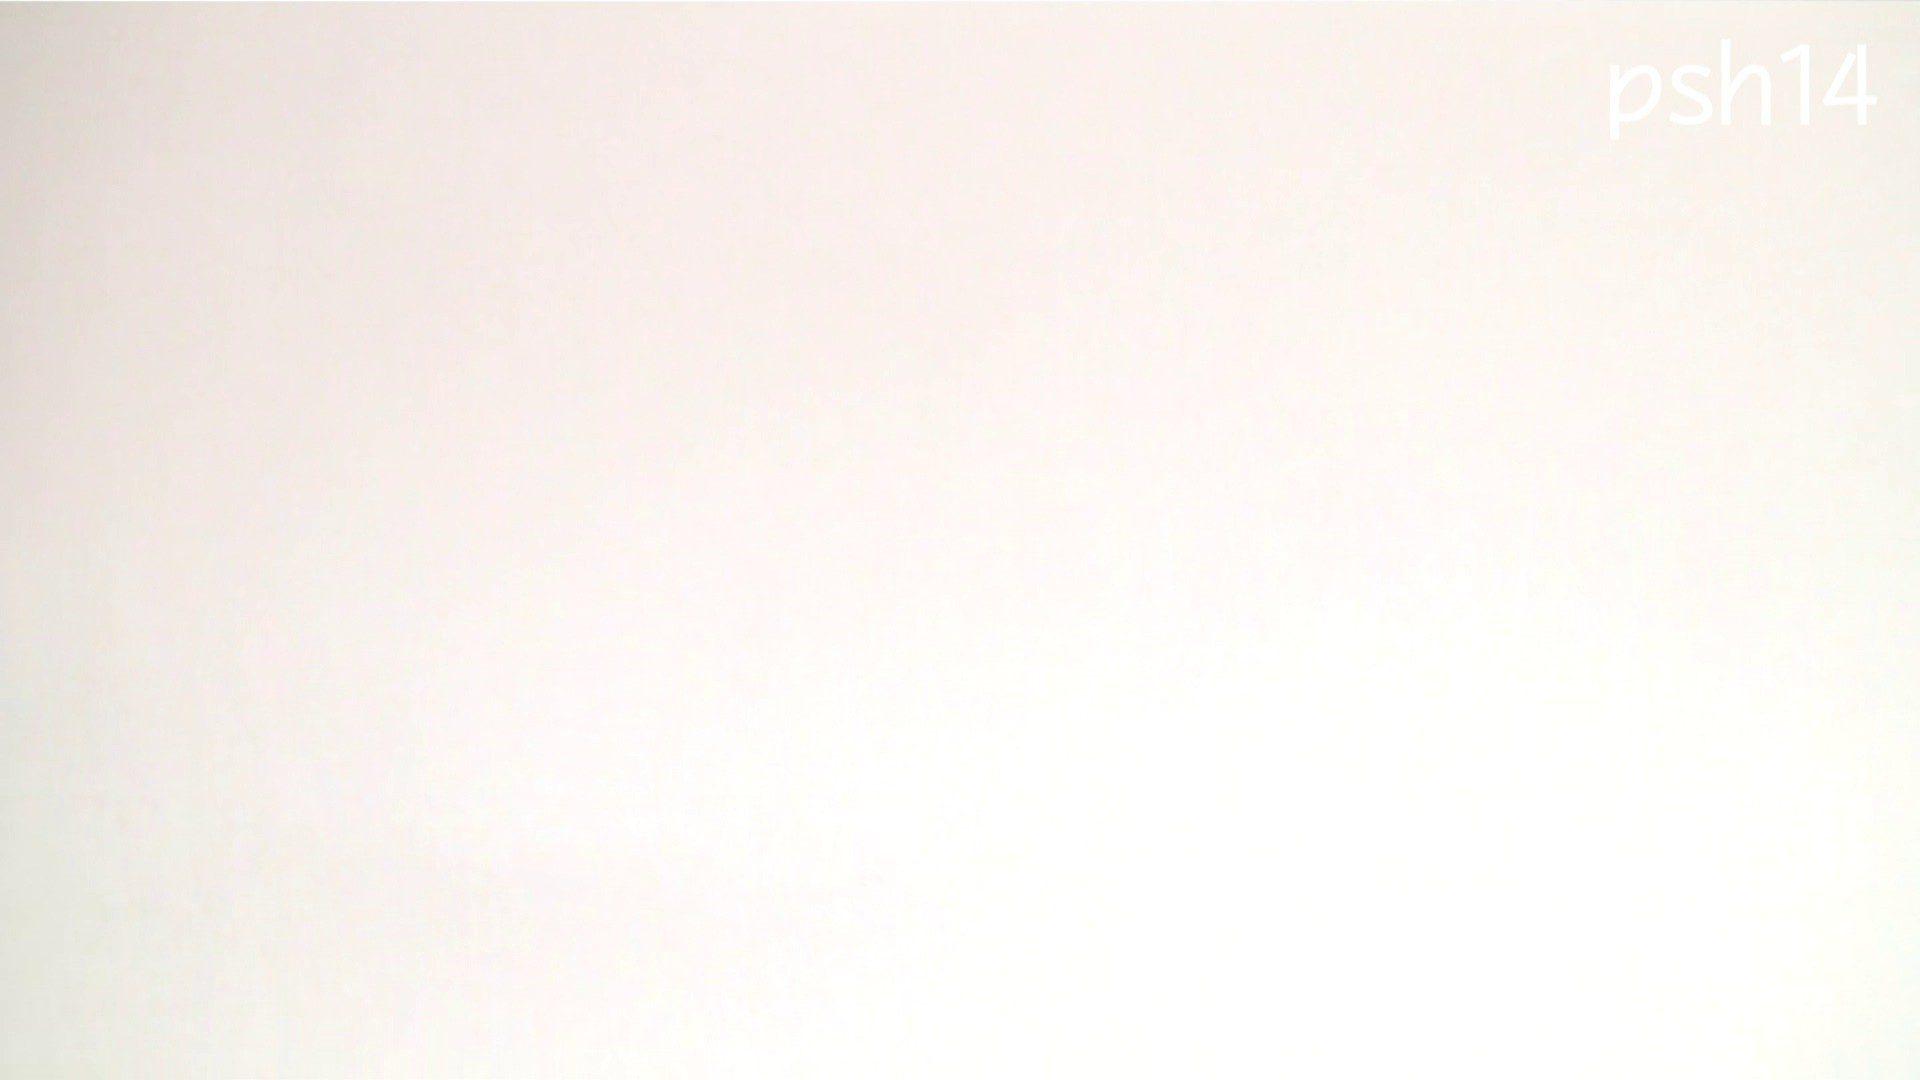 ▲復活限定▲ハイビジョン 盗神伝 Vol.14 アラ30  104画像 30